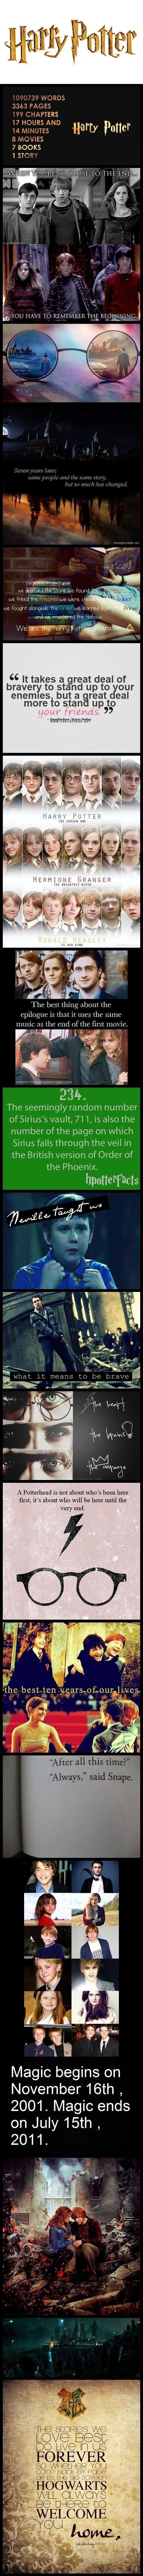 Harry Potter The Memories